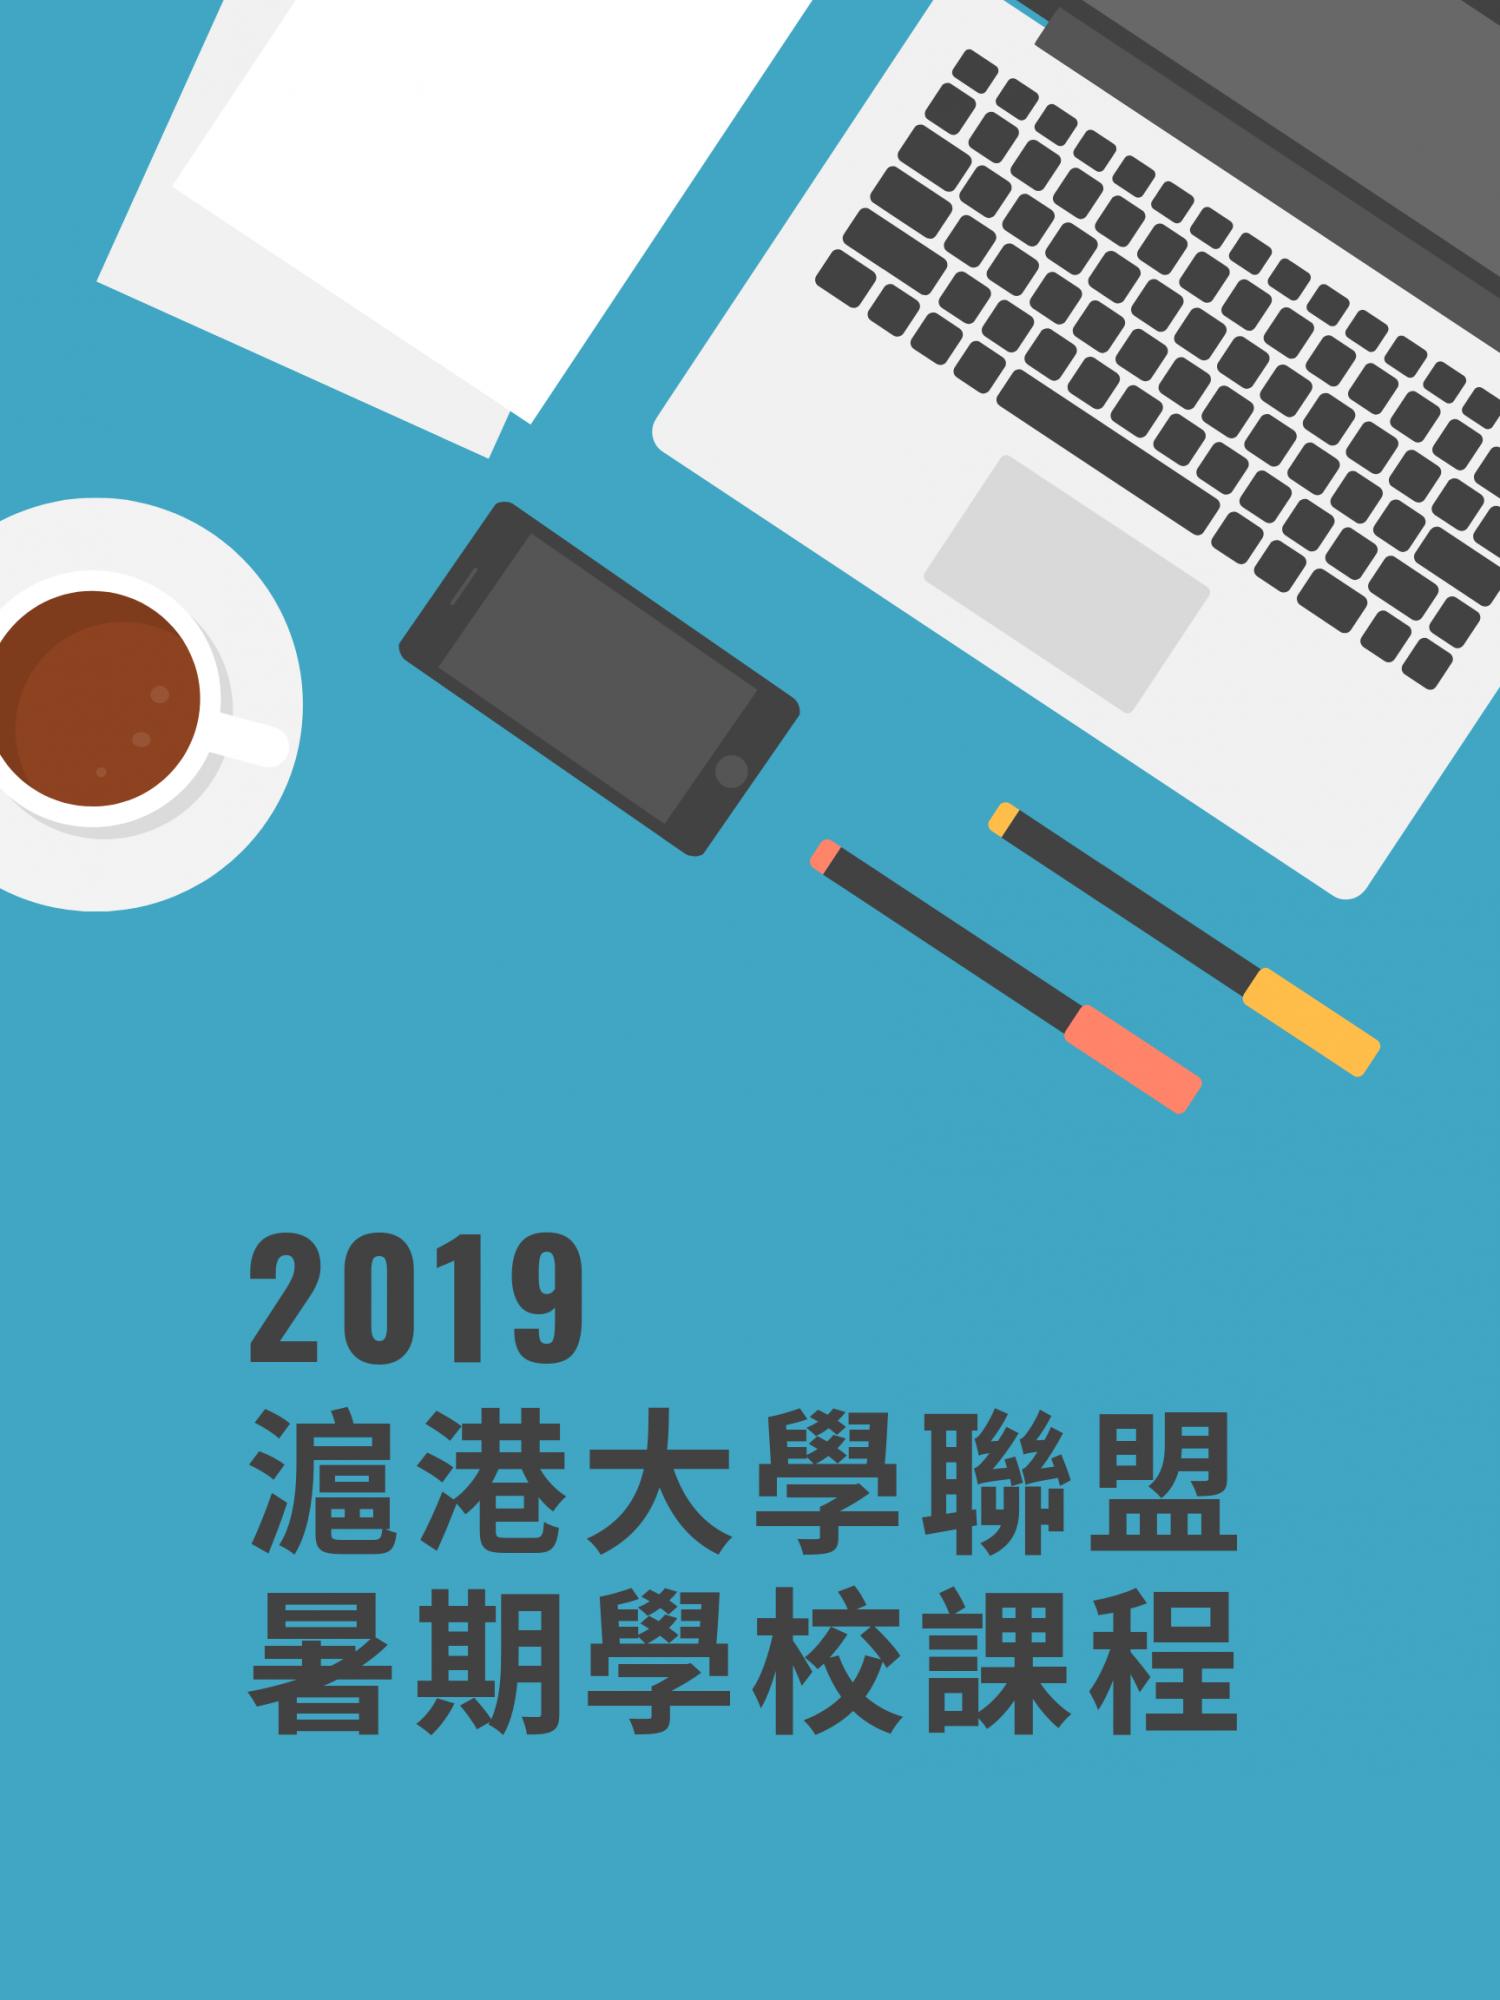 2019滬港大學聯盟暑期學校課程